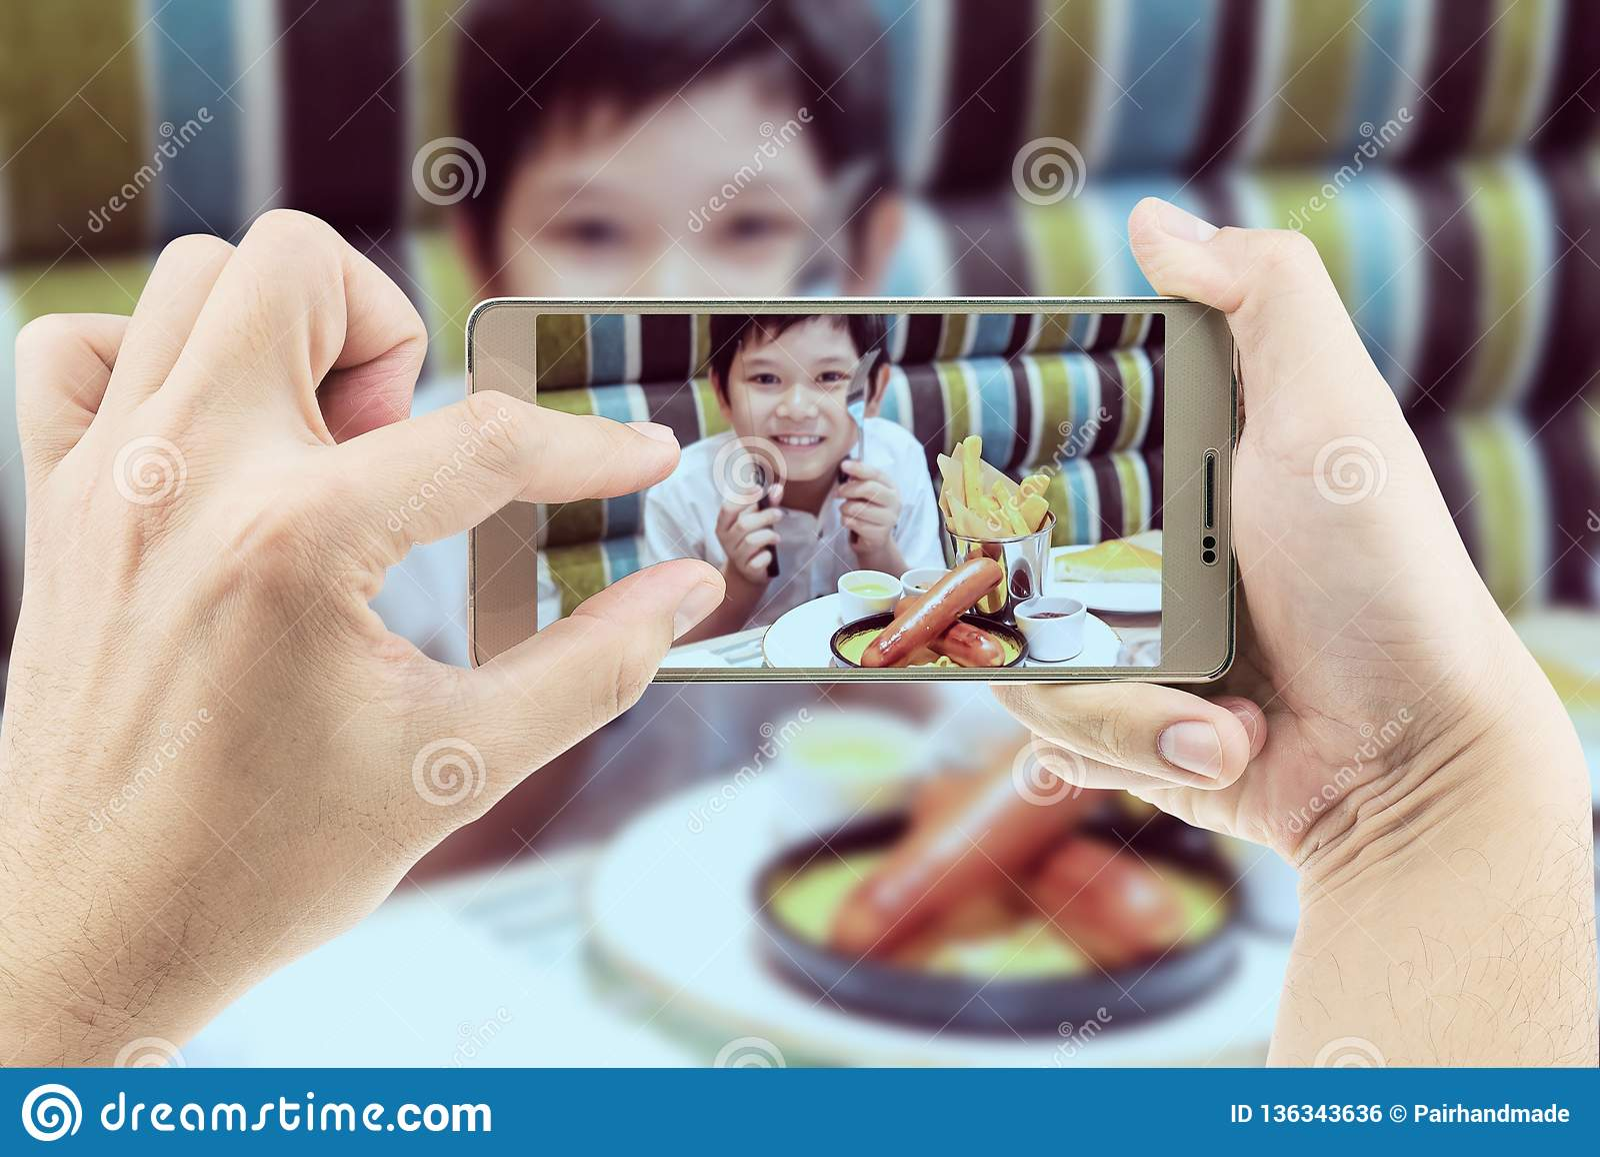 Ο μπαμπάς παίρνει την κινητή φωτογραφία του ασιατικού αγοριού που τρώει τις τηγανιτές πατάτες